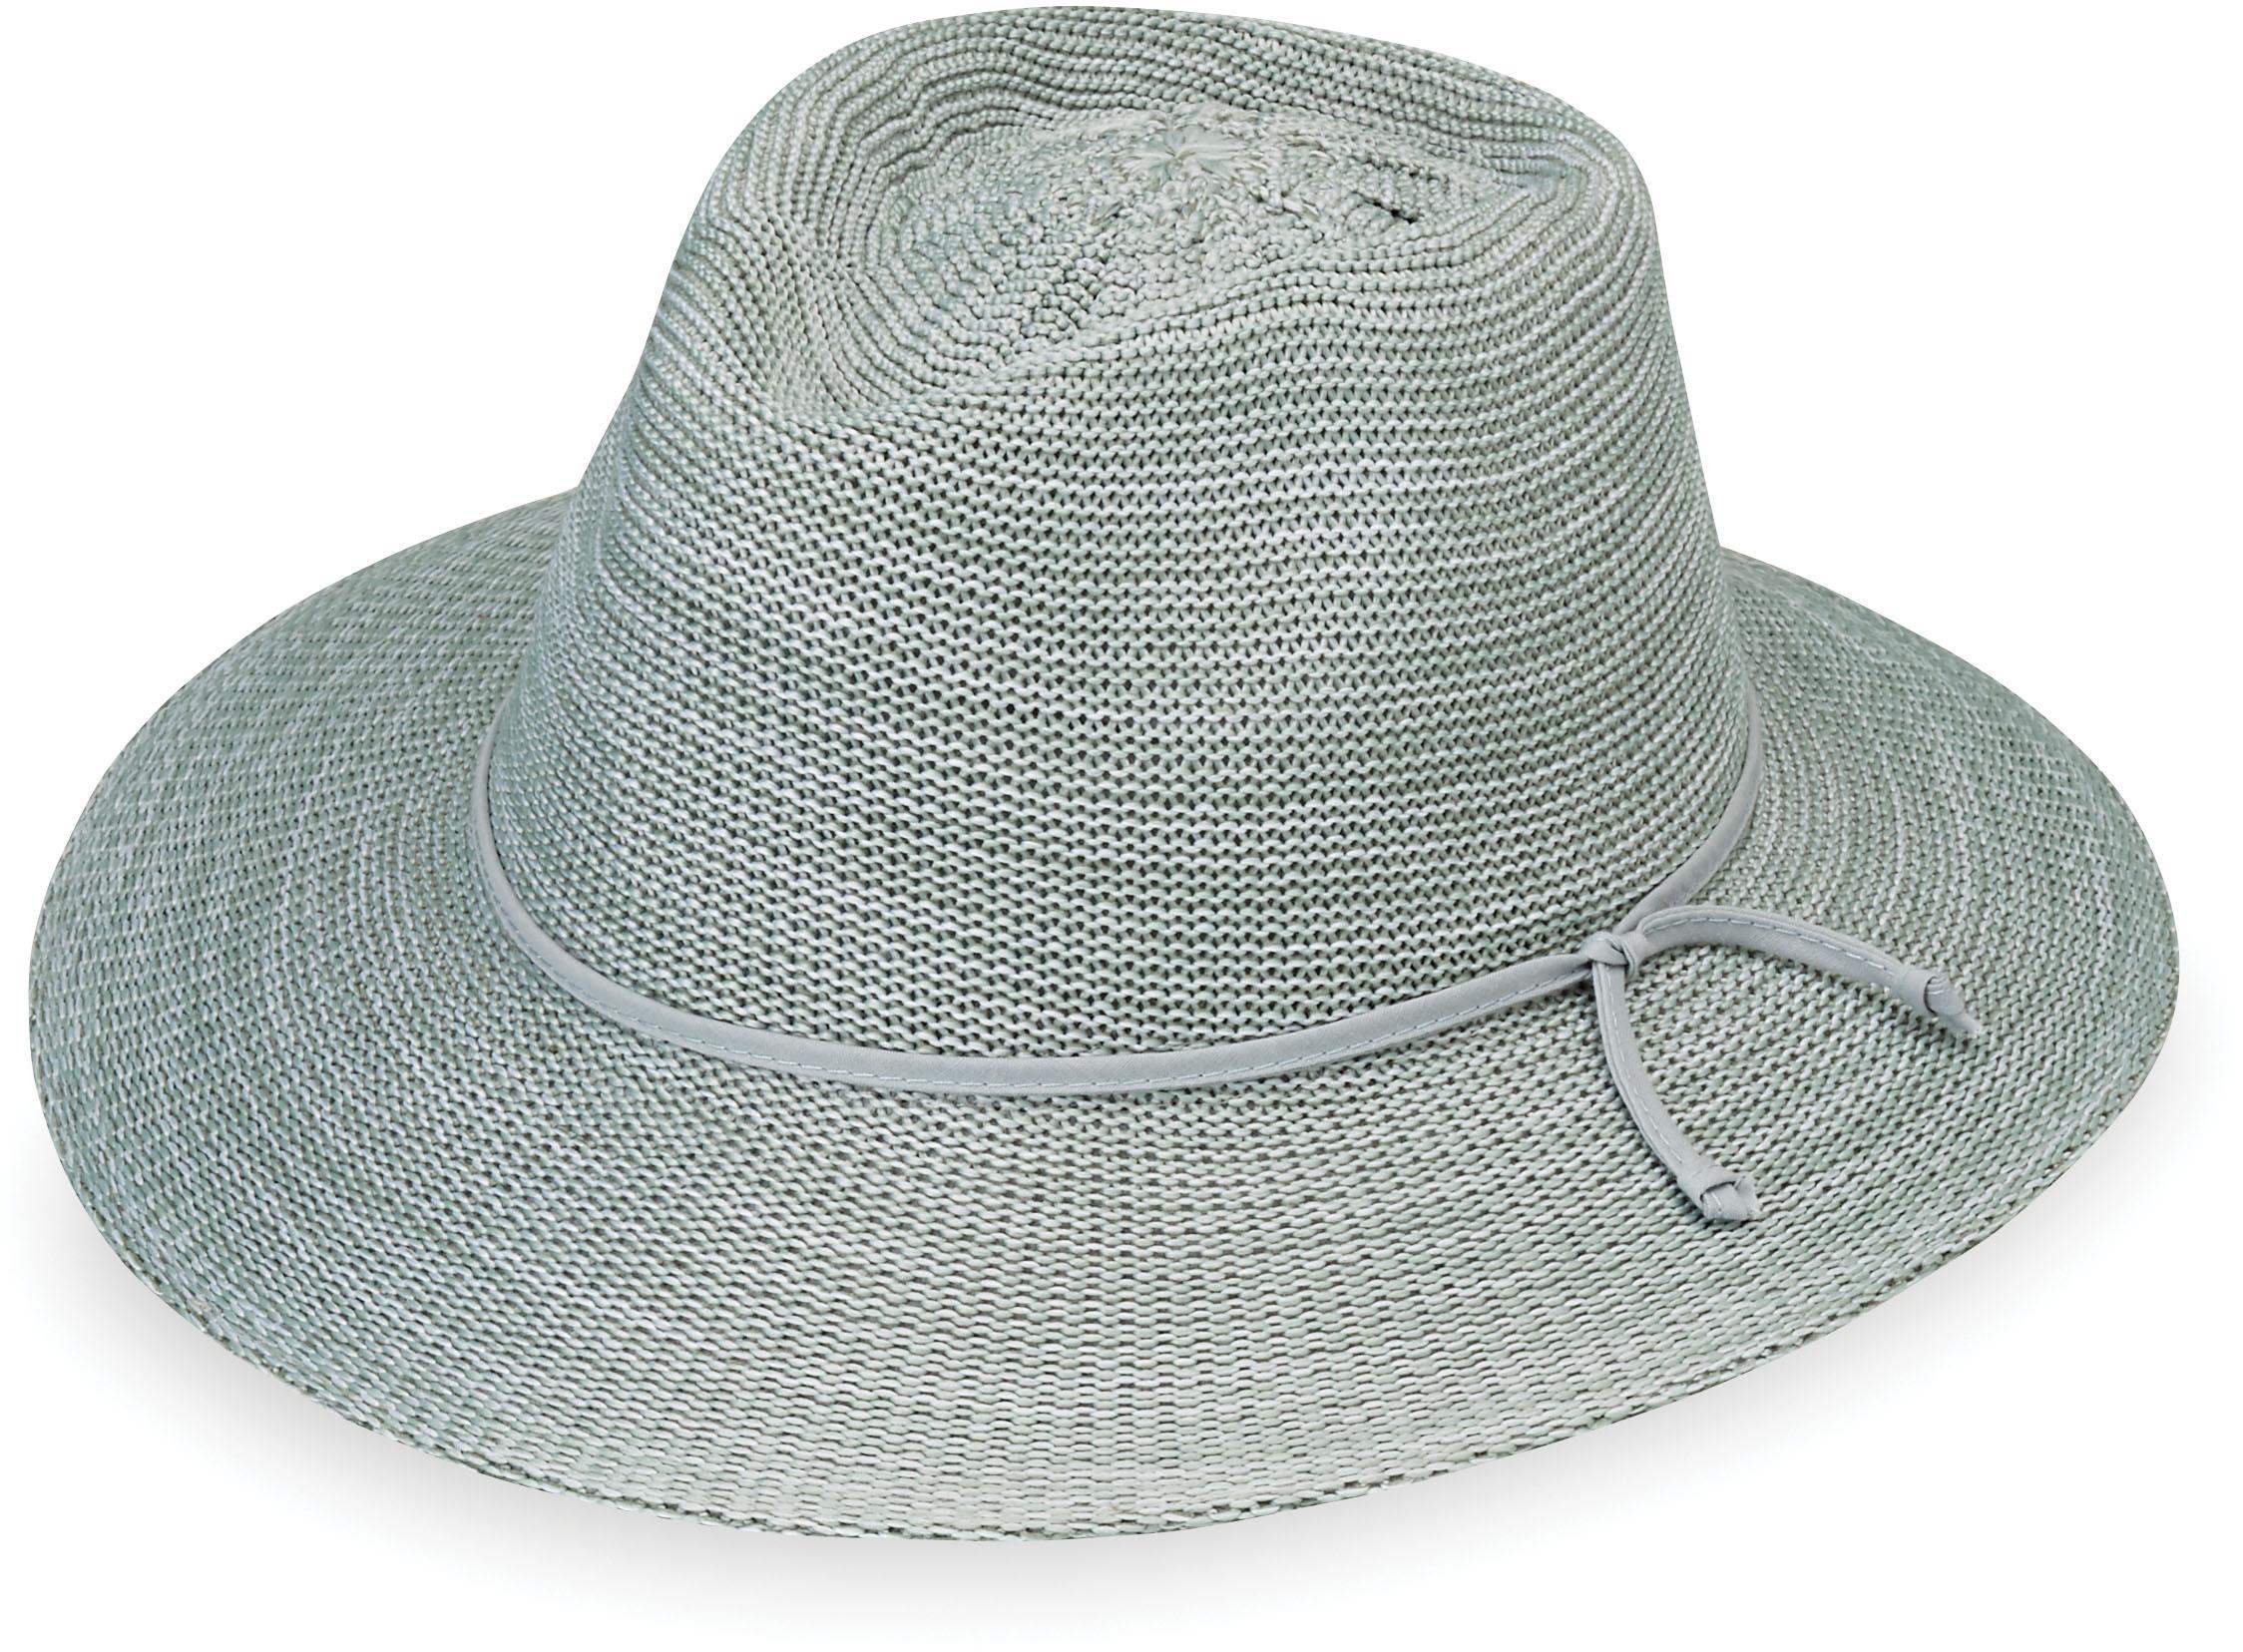 3fa22e0a0739b8 Sun hats | MEC